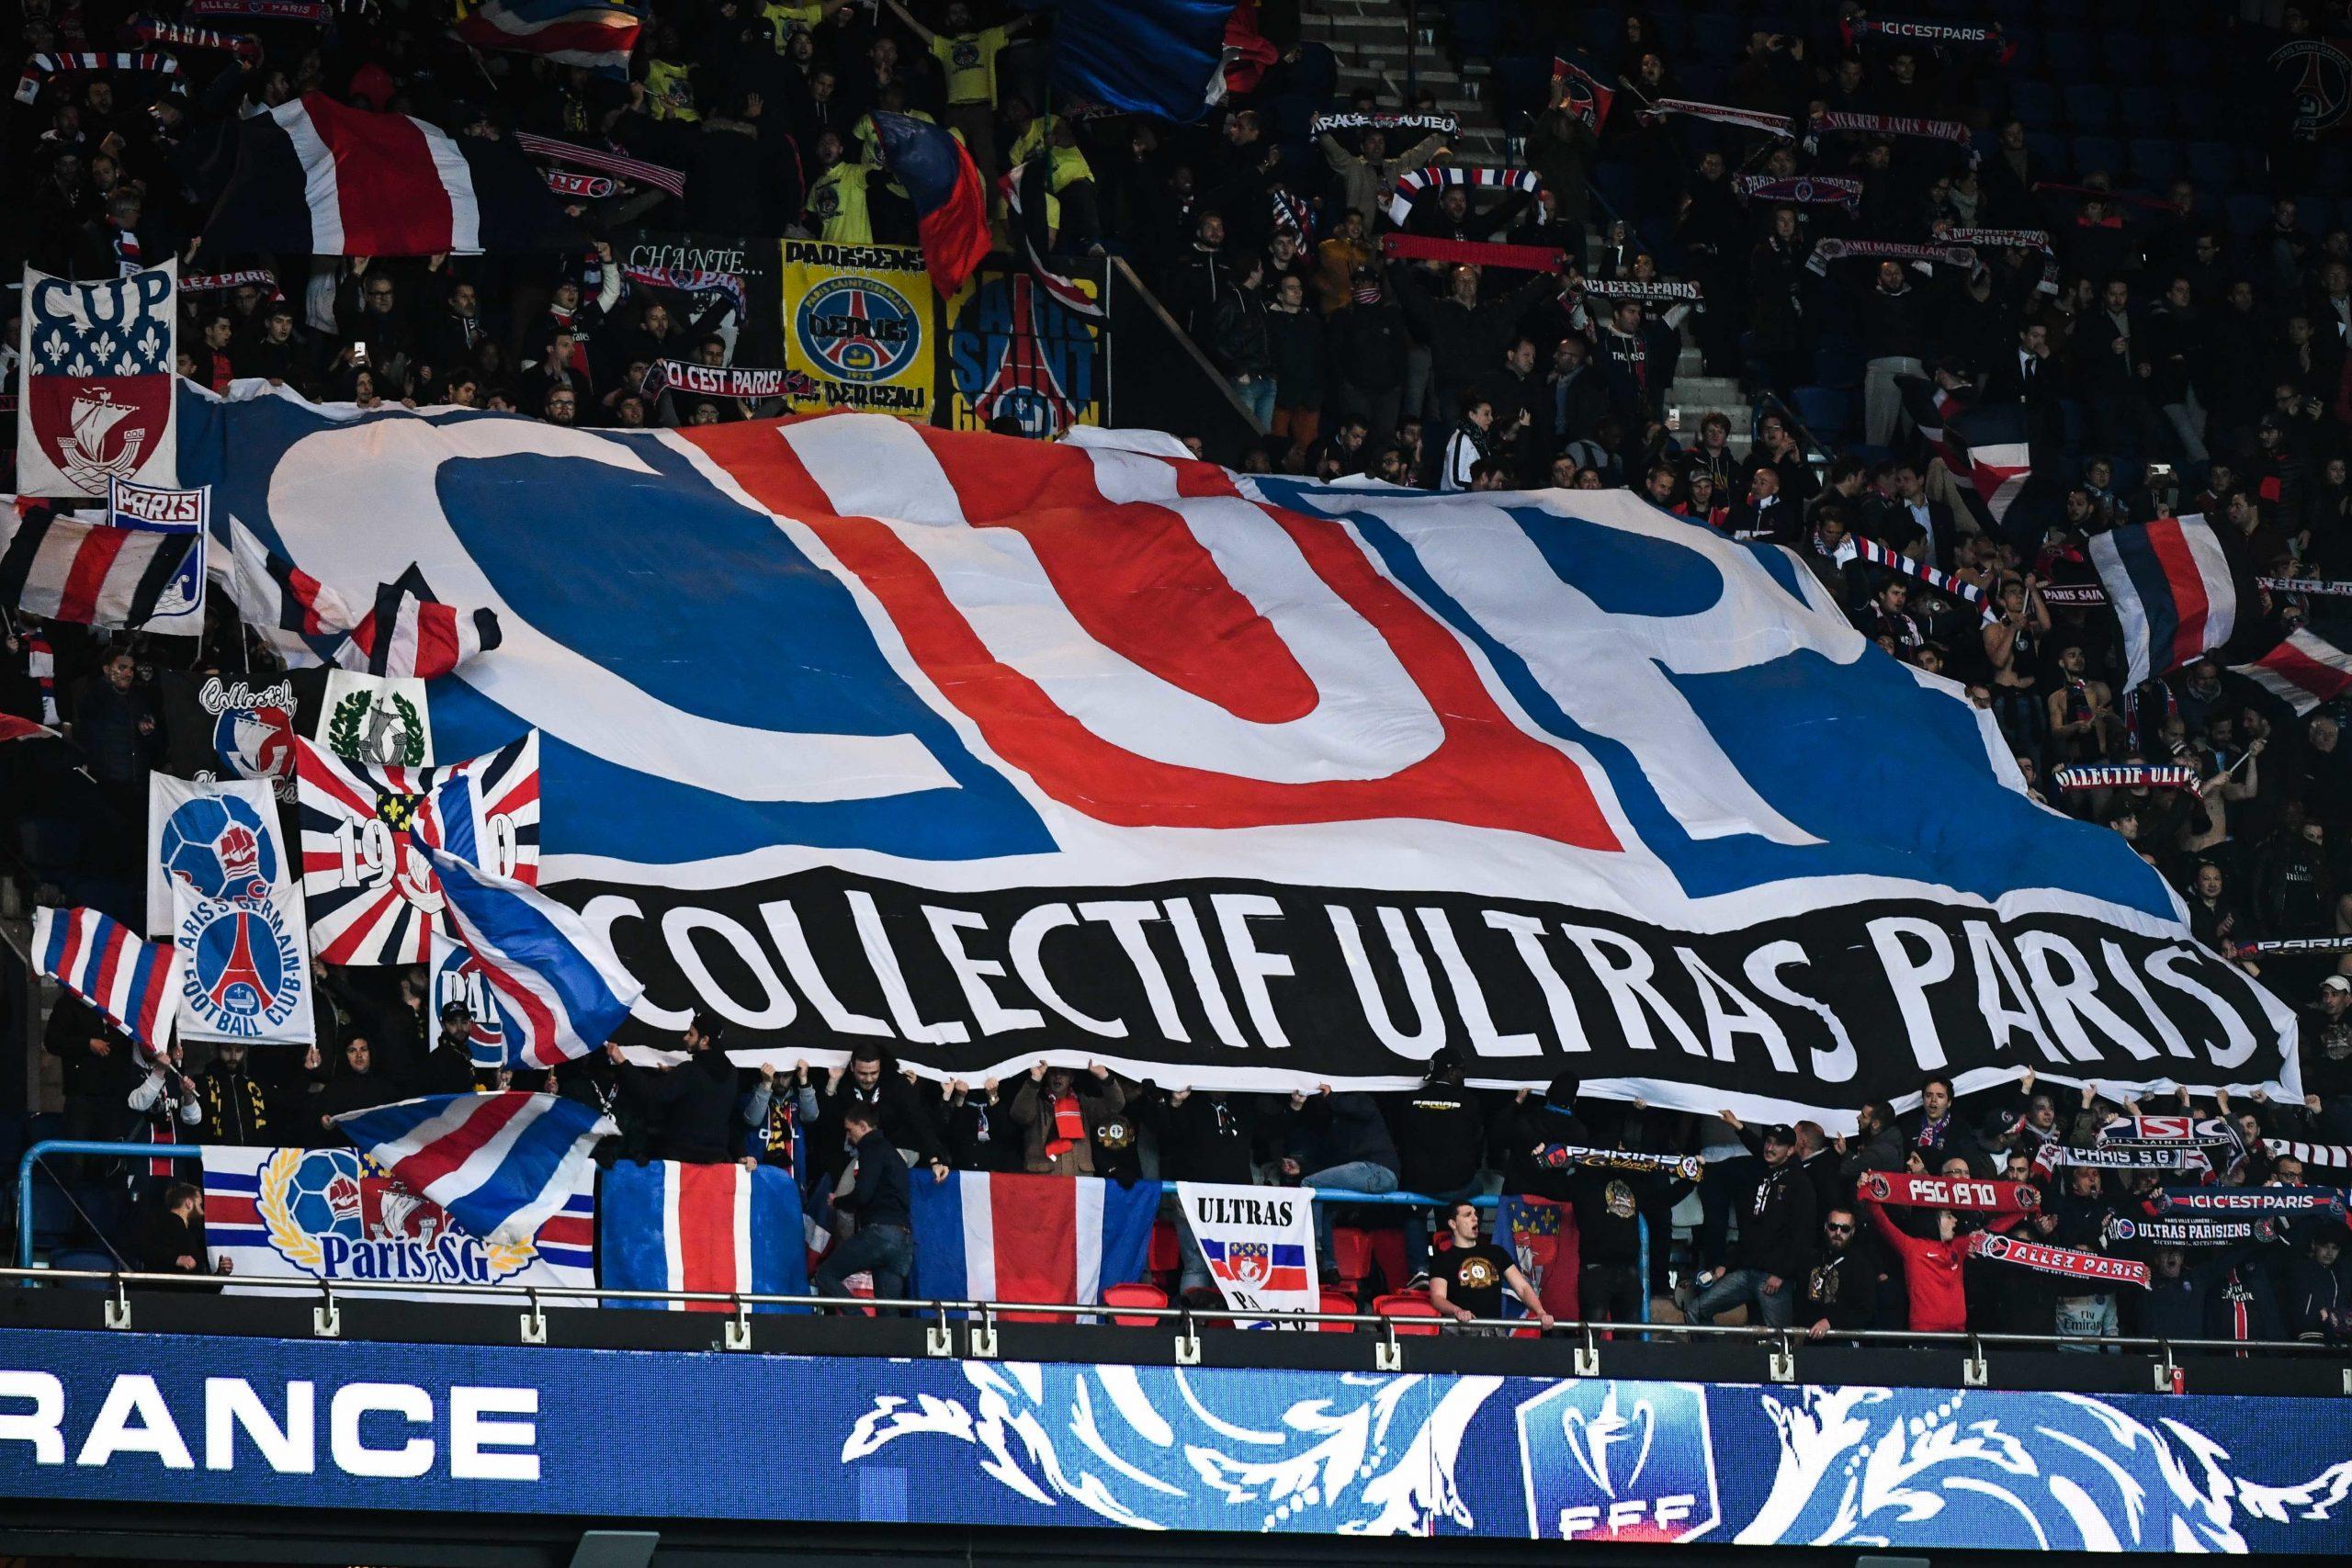 Le Collectif Ultras Paris et de nombreux groupes s'opposent à la Super Ligue européenne